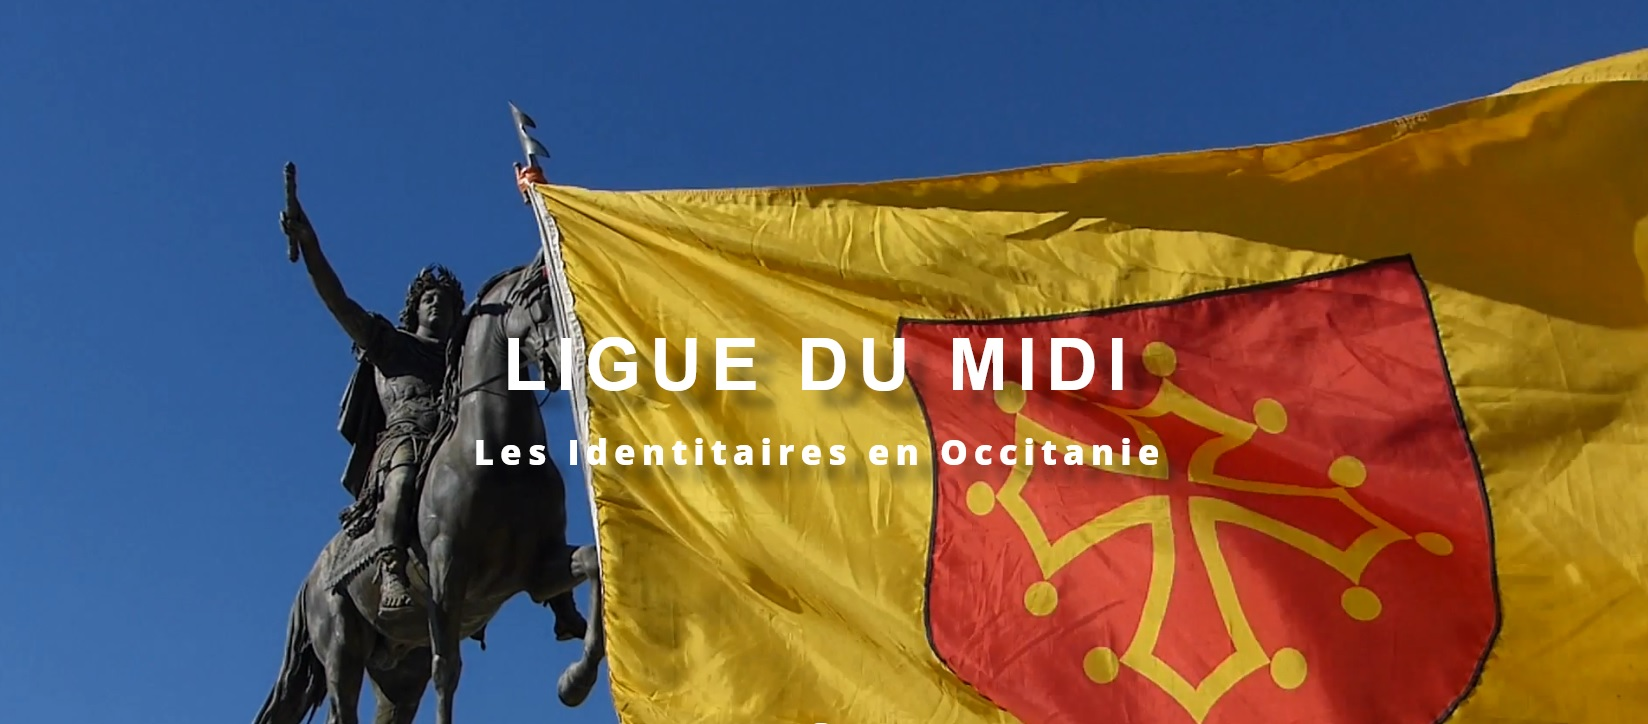 La dernière fête de la Ligue du Midi : militantisme et occitanisme